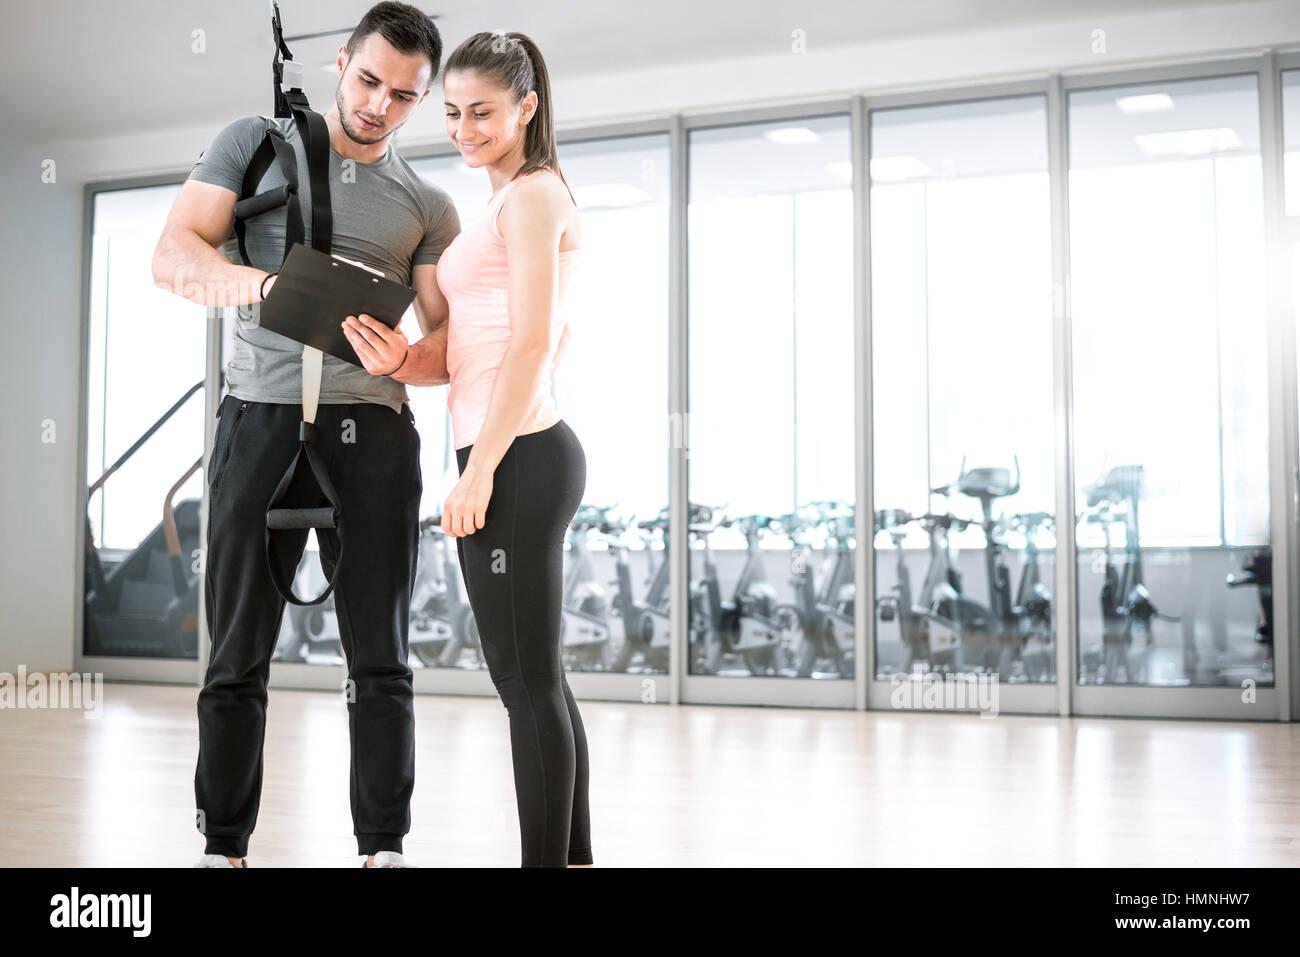 Entrenador Personal muestra el resultado de un plan de formación a su cliente joven femenina con suspensión Imagen De Stock